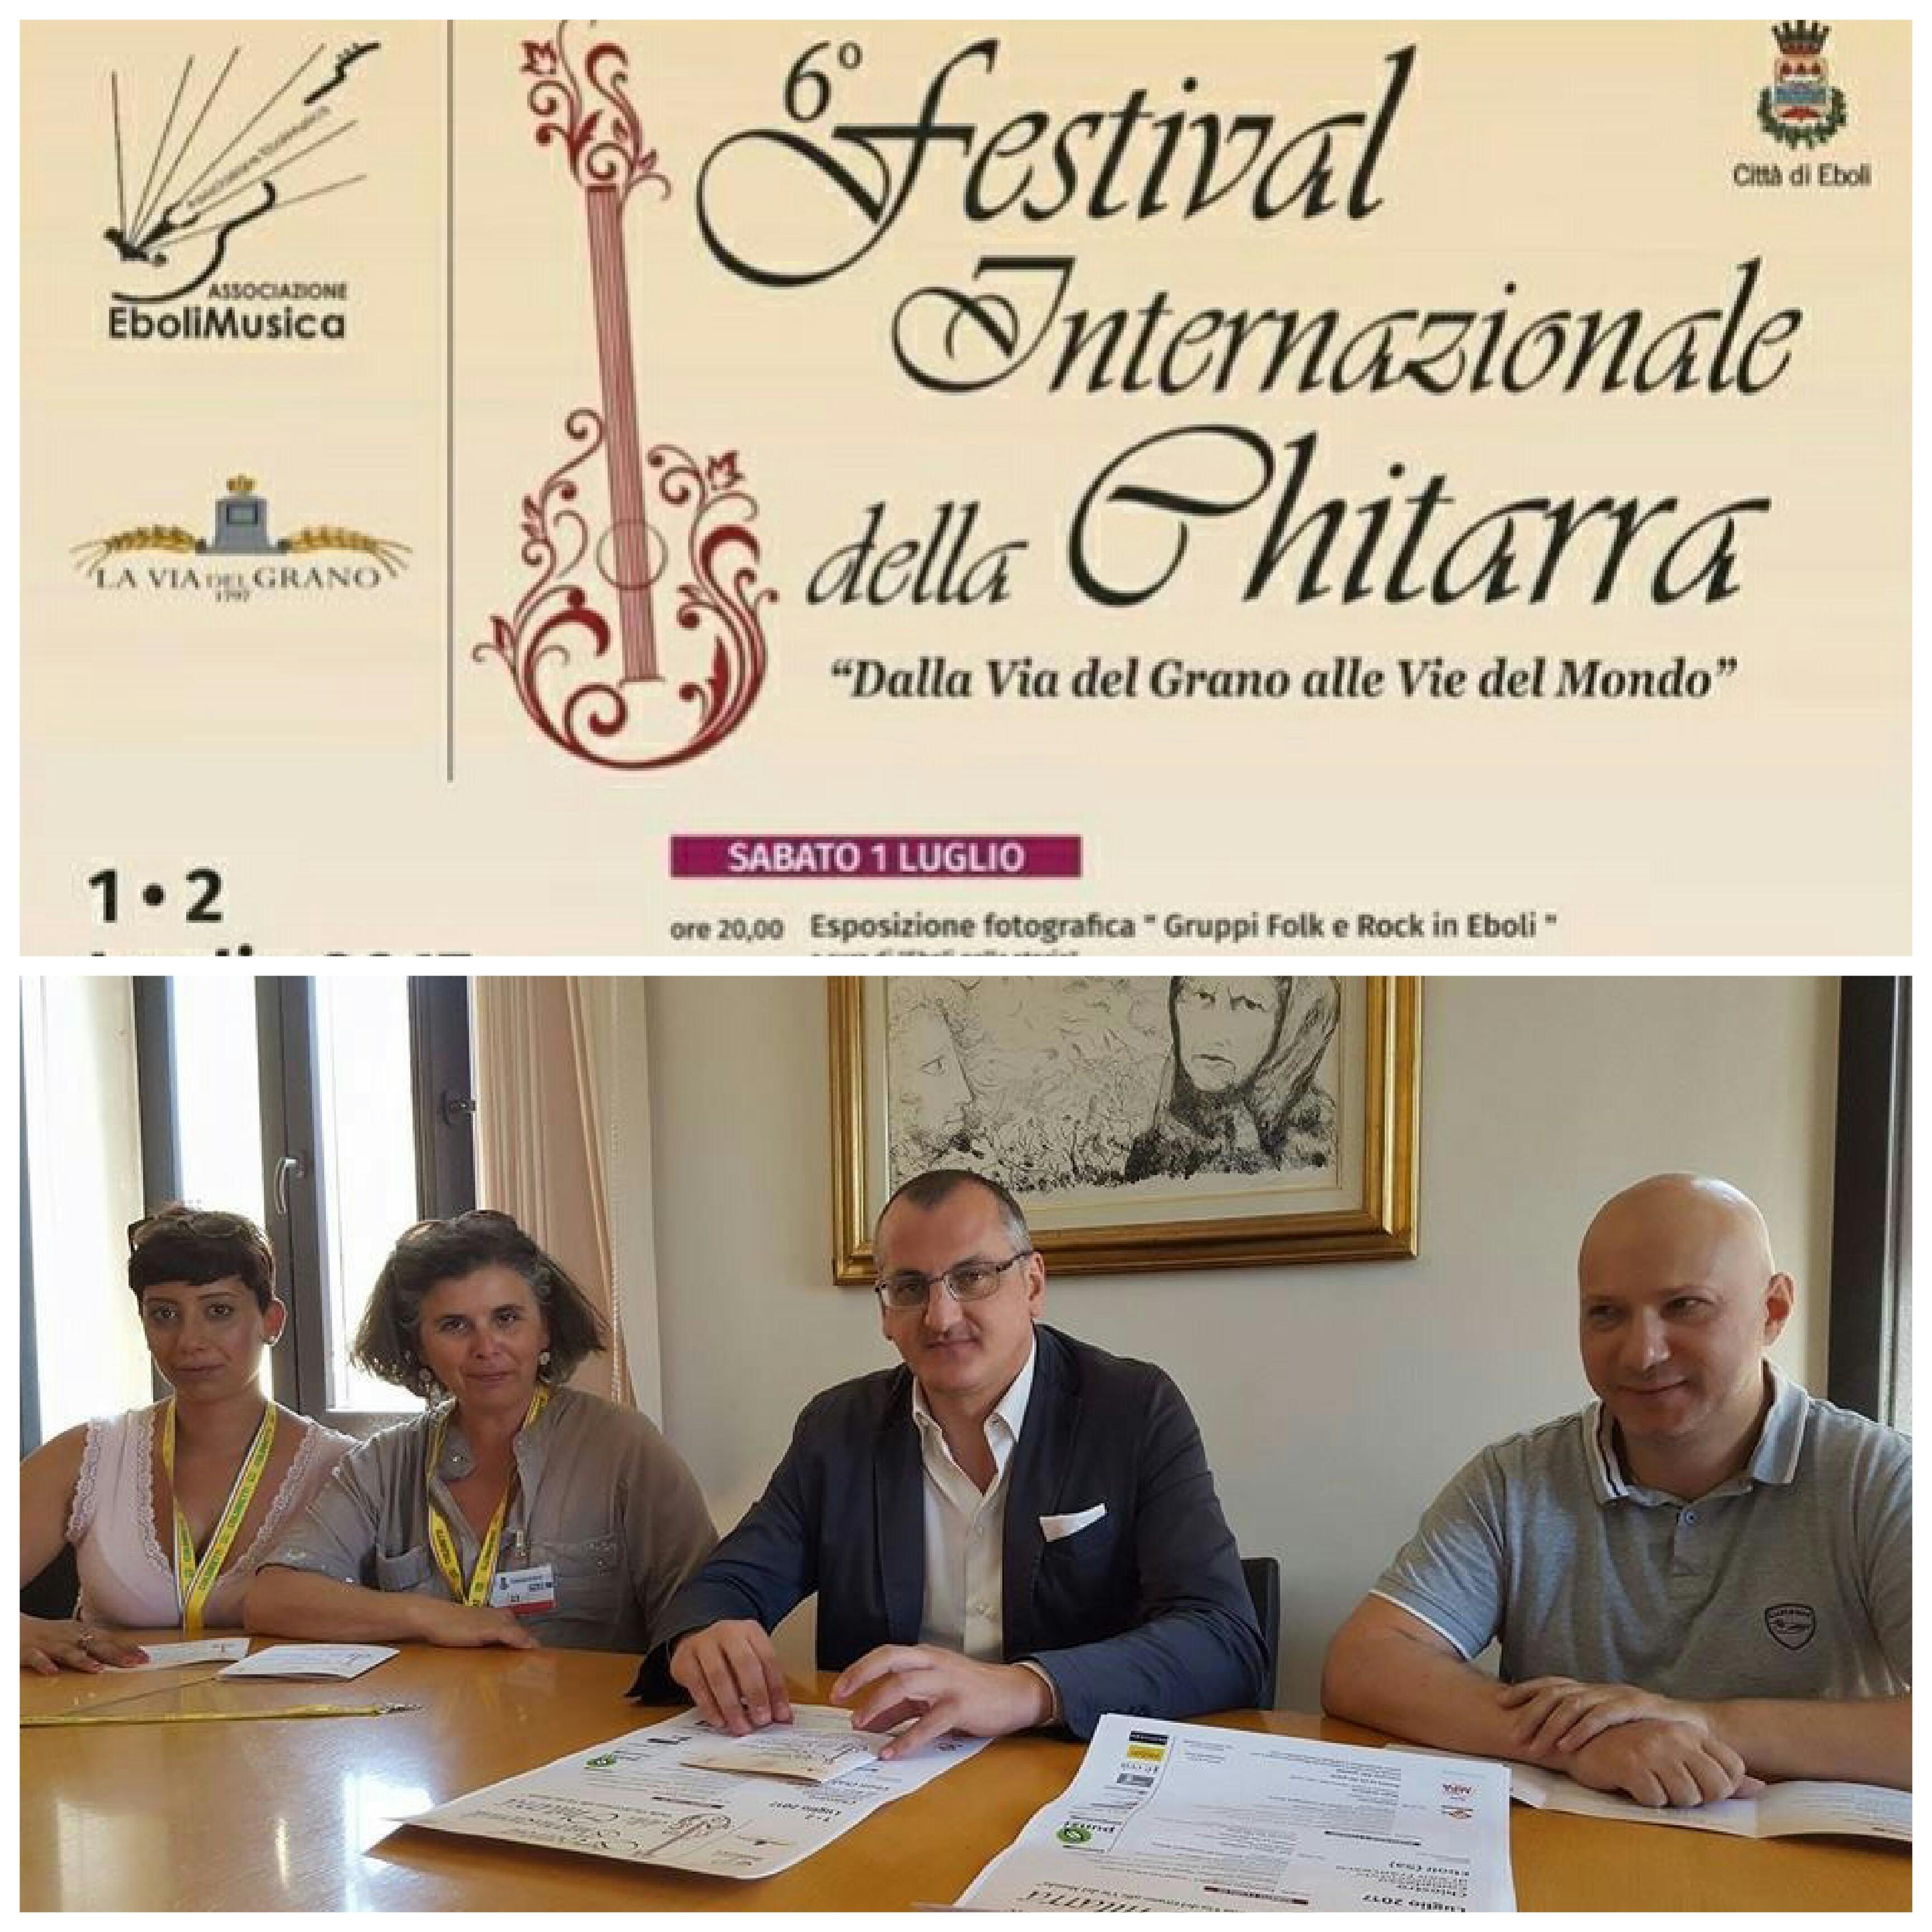 6 Festival della Chitarra Cittá di Eboli-Dell'Orto-Cariello-Del Plato